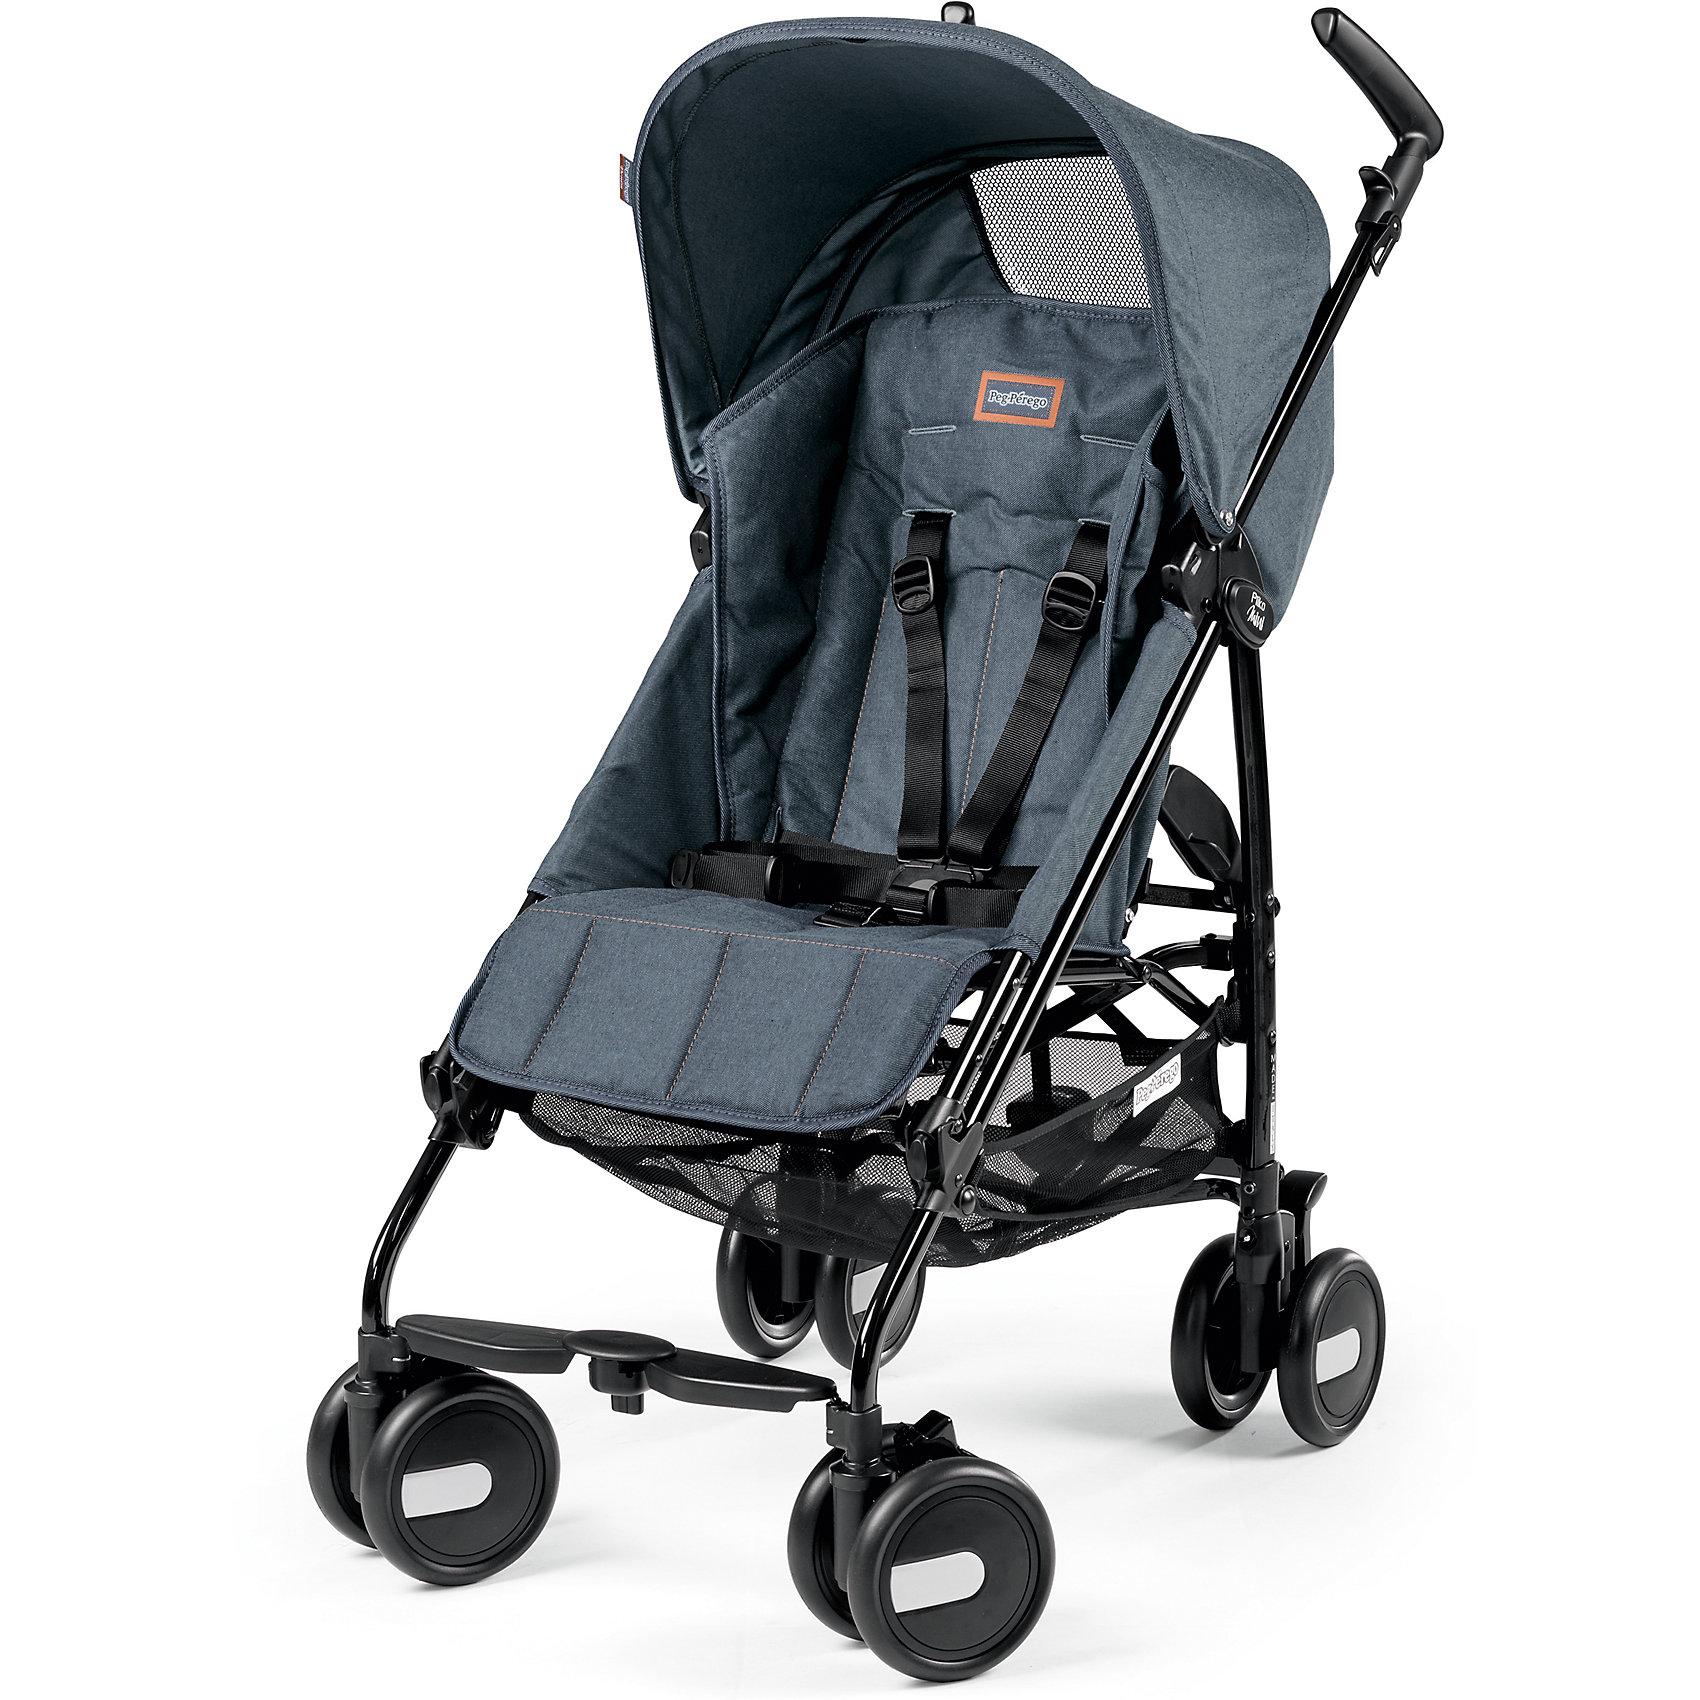 Коляска-трость Peg-Perego Pliko Mini с бампером, Blue DenimКоляски-трости<br>Коляска-трость Pliko Mini, Peg-Perego - компактная прогулочная коляска с небольшими габаритами, которая отвечает всем требованиям комфорта и безопасности малыша. Очень практична для использования в любой ситуации. Коляска оснащена удобным для ребенка сиденьем с мягкими 5- точечными ремнями безопасности. Дополнительно можно приобрести мягкий съемный бампер (отдельно бампер без коляски не продается!). Спинка легко раскладывается в 3 положениях вплоть до горизонтального. Опора для ножек регулируется, что обеспечивает<br>малышу правильную осанку. Большой капюшон со смотровым окном защитит от солнца и дождя.  <br><br>Для родителей предусмотрены удобные ручки и вместительная корзина для принадлежностей малыша. Коляска оснащена 4 двойными колесами (передние - поворотные с возможностью фиксации, задние - с тормозом). Благодаря узкой колесной базе коляска без труда преодолевает<br>даже самые узкие проемы дверей, лифтов и турникетов. Легко и компактно складывается тростью, что позволяет использовать ее во время поездок и путешествий. Обивку можно снимать и стирать. Подходит для детей от 6 мес. до 3 лет.<br><br><br>Особенности:<br><br>- удобна для транспортировки и хранения;<br>- объемный капюшон от солнца и дождя;<br>- спинка сиденья регулируется 3 положениях;<br>- регулируемая подножка; <br>- корзина для вещей ребенка;<br>- передние поворотные колеса с возможностью фиксации;<br>- узкая колесная база;<br>- легко и компактно складывается тростью.<br><br><br>Дополнительная информация:<br><br>- Цвет: Blue Denim.<br>- Материал: текстиль, металл, пластик.<br>- Диаметр колес: 14,6 см.<br>- Максимальная длина спального места: 87 см.<br>- Размер в разложенном виде: 84 х 50 х 101 см.<br>- Размер в сложенном виде: 34 х 32 х 94 см.<br>- Вес: 5,7 кг.<br><br>Коляску-трость Pliko Mini + бампер передний, Peg-Perego можно купить в нашем интернет-магазине.<br><br>Ширина мм: 470<br>Глубина мм: 290<br>Высота мм: 1025<b